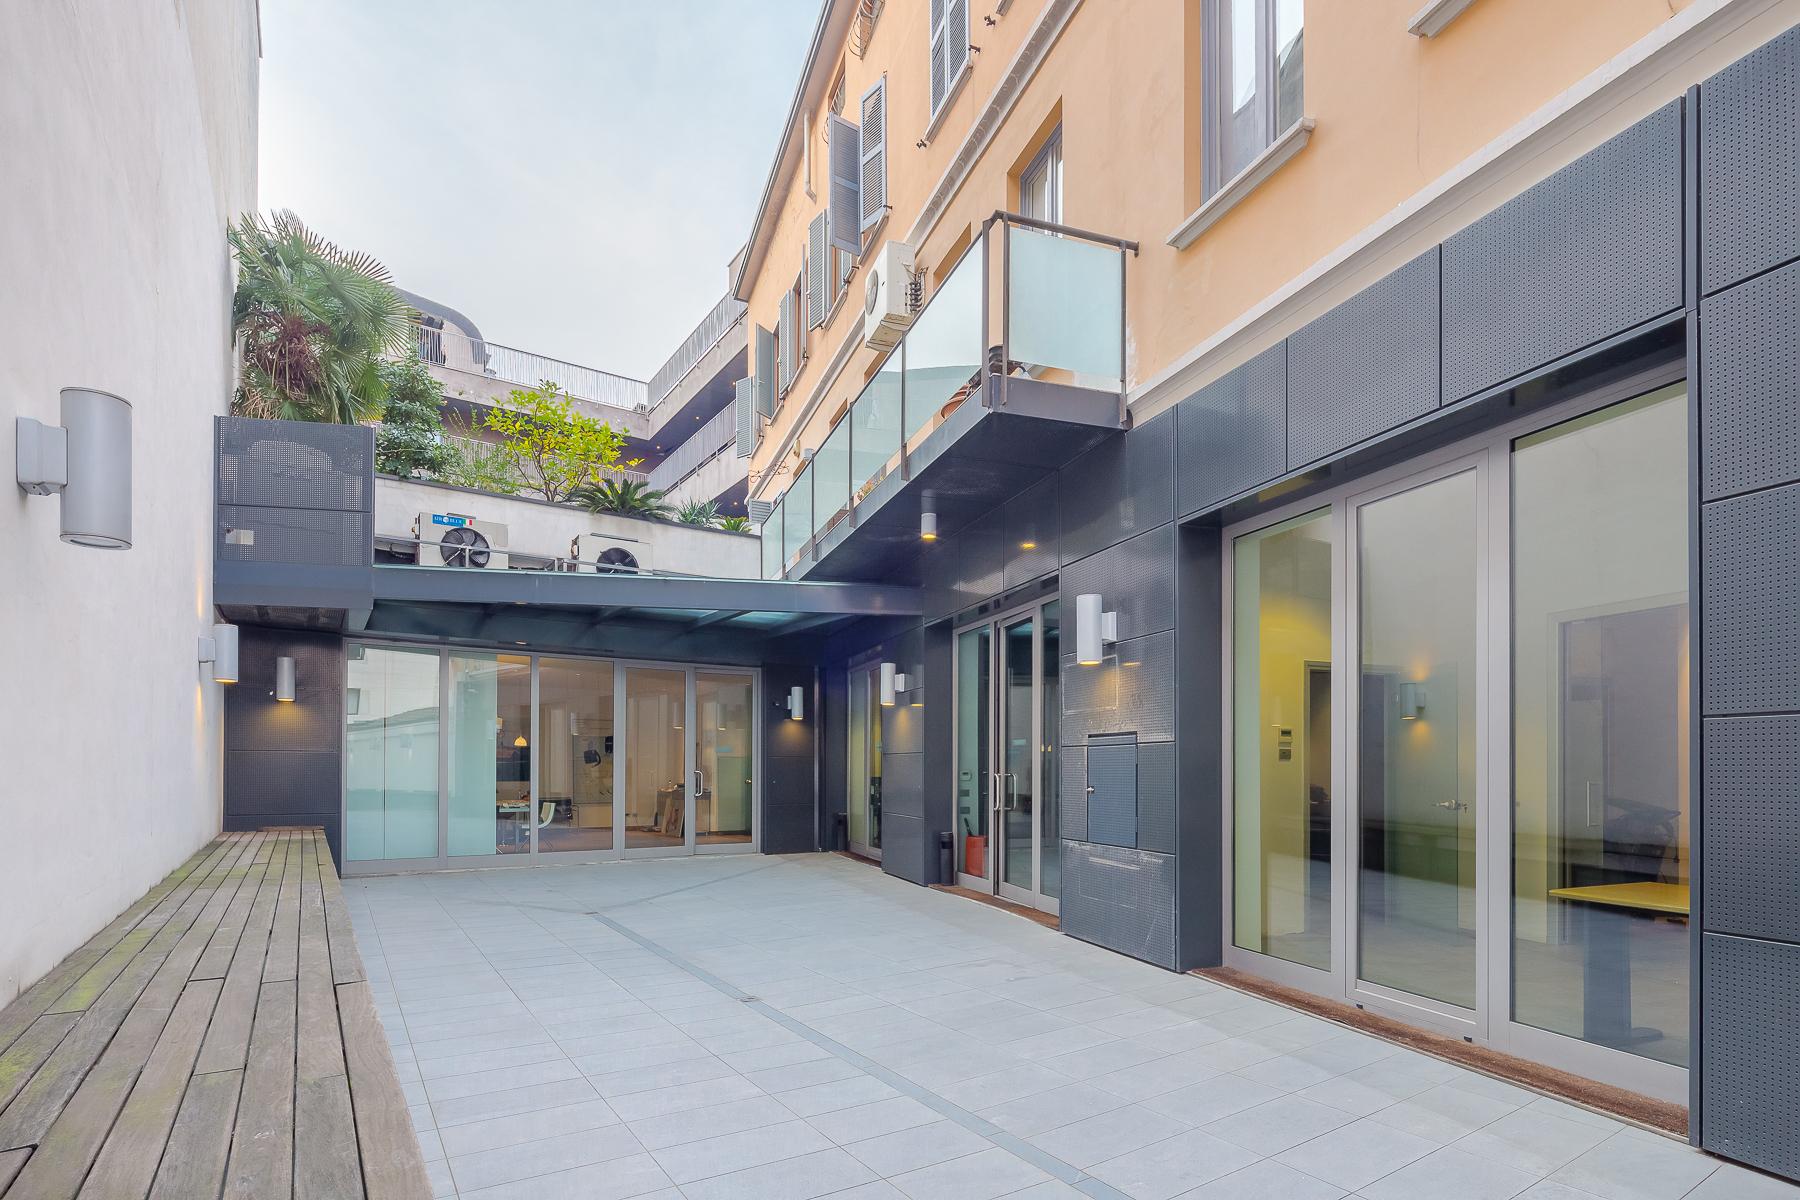 Casa indipendente in Vendita a Milano: 5 locali, 590 mq - Foto 22